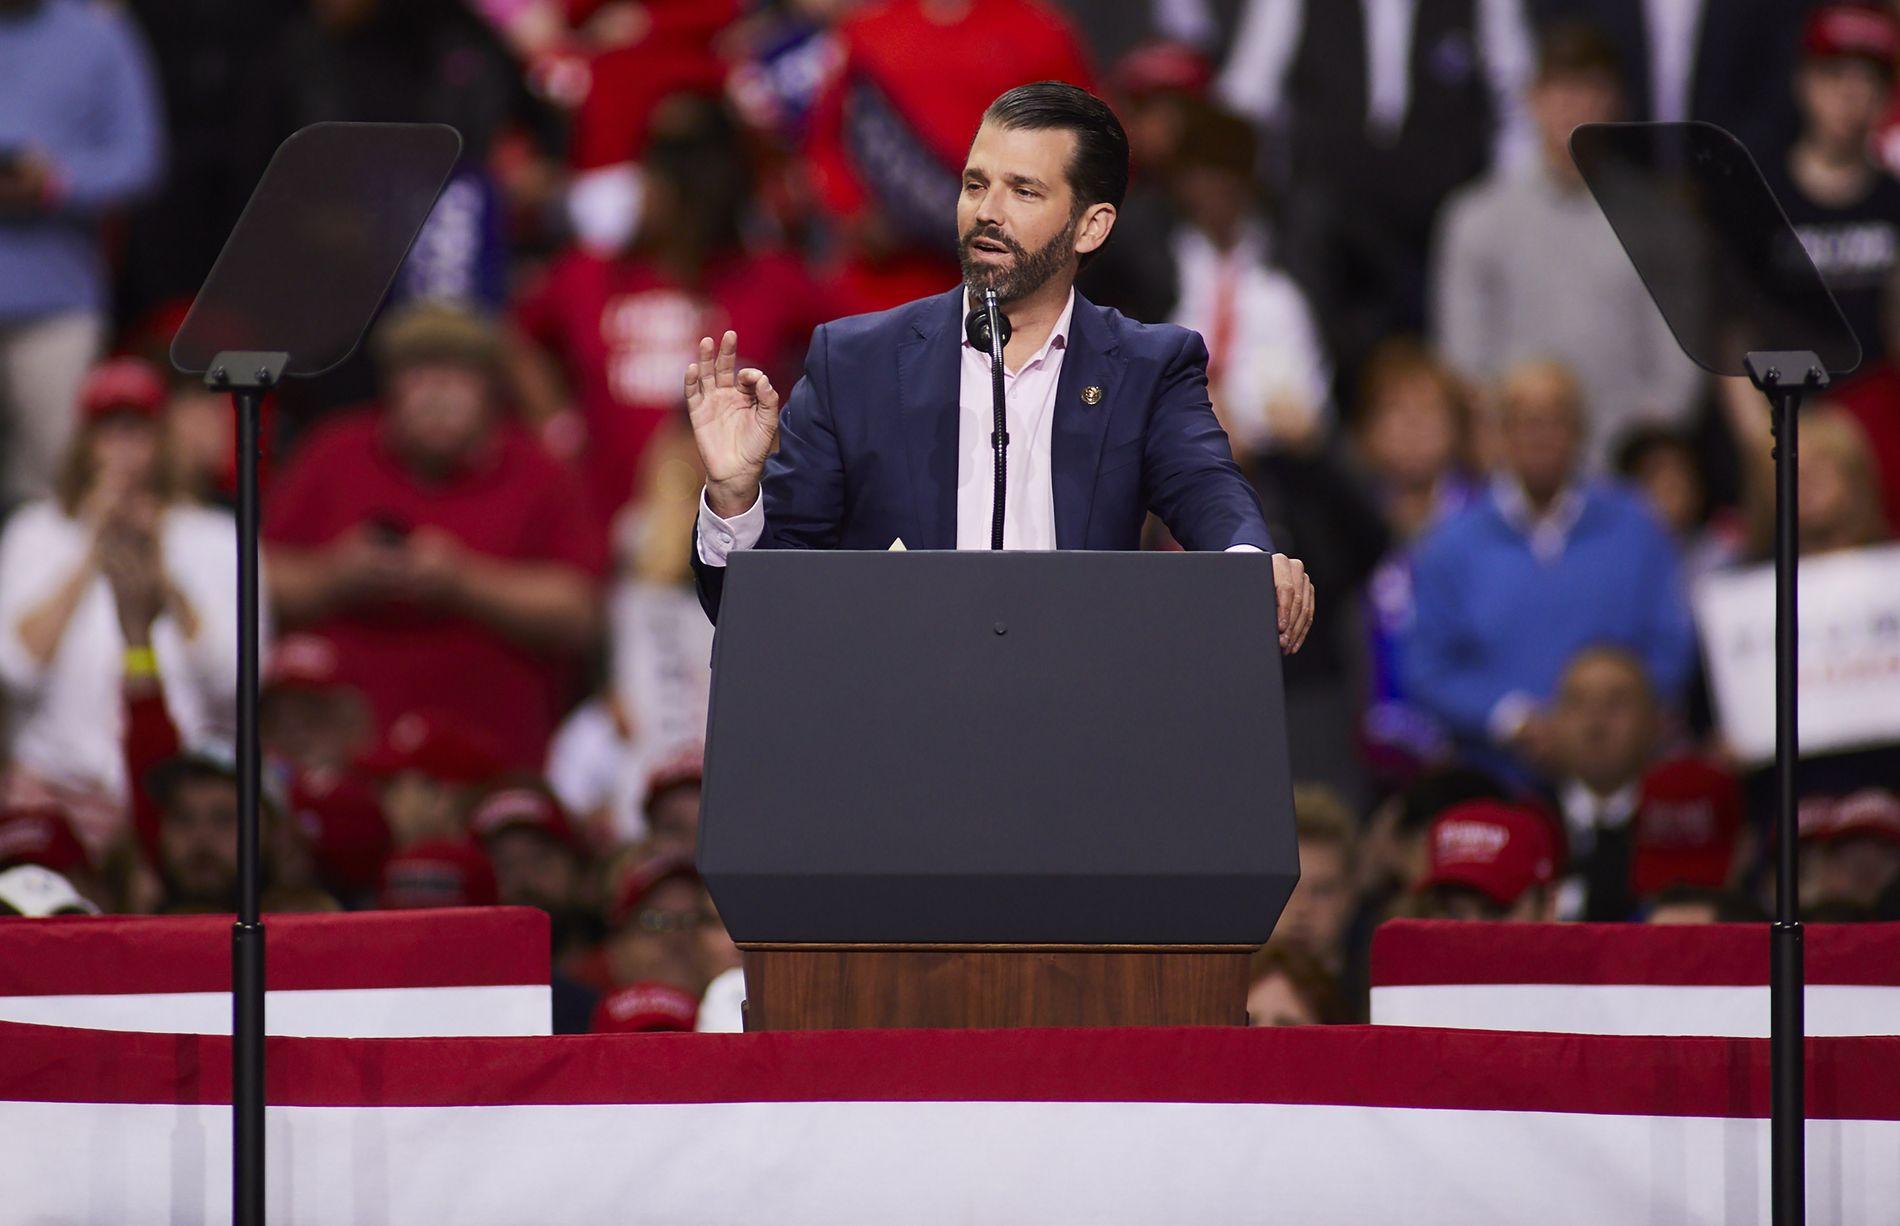 VALGKAMP: Donald Trump Jr. snakker til farens tilhengere under et «Make America Great Again»-velgermøte i Wisconsin 29. april.